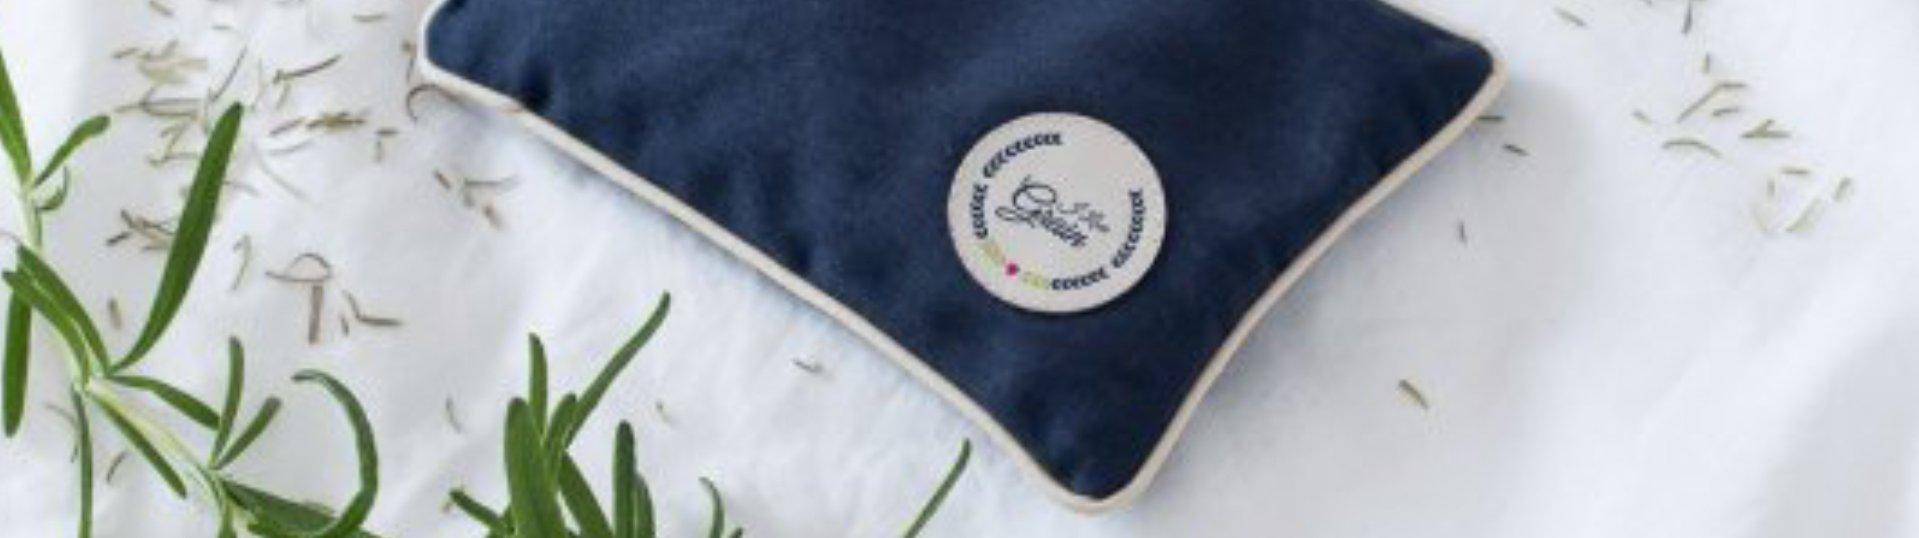 Poduszki Naturalne Sklep Z Produktami Ekologicznymi